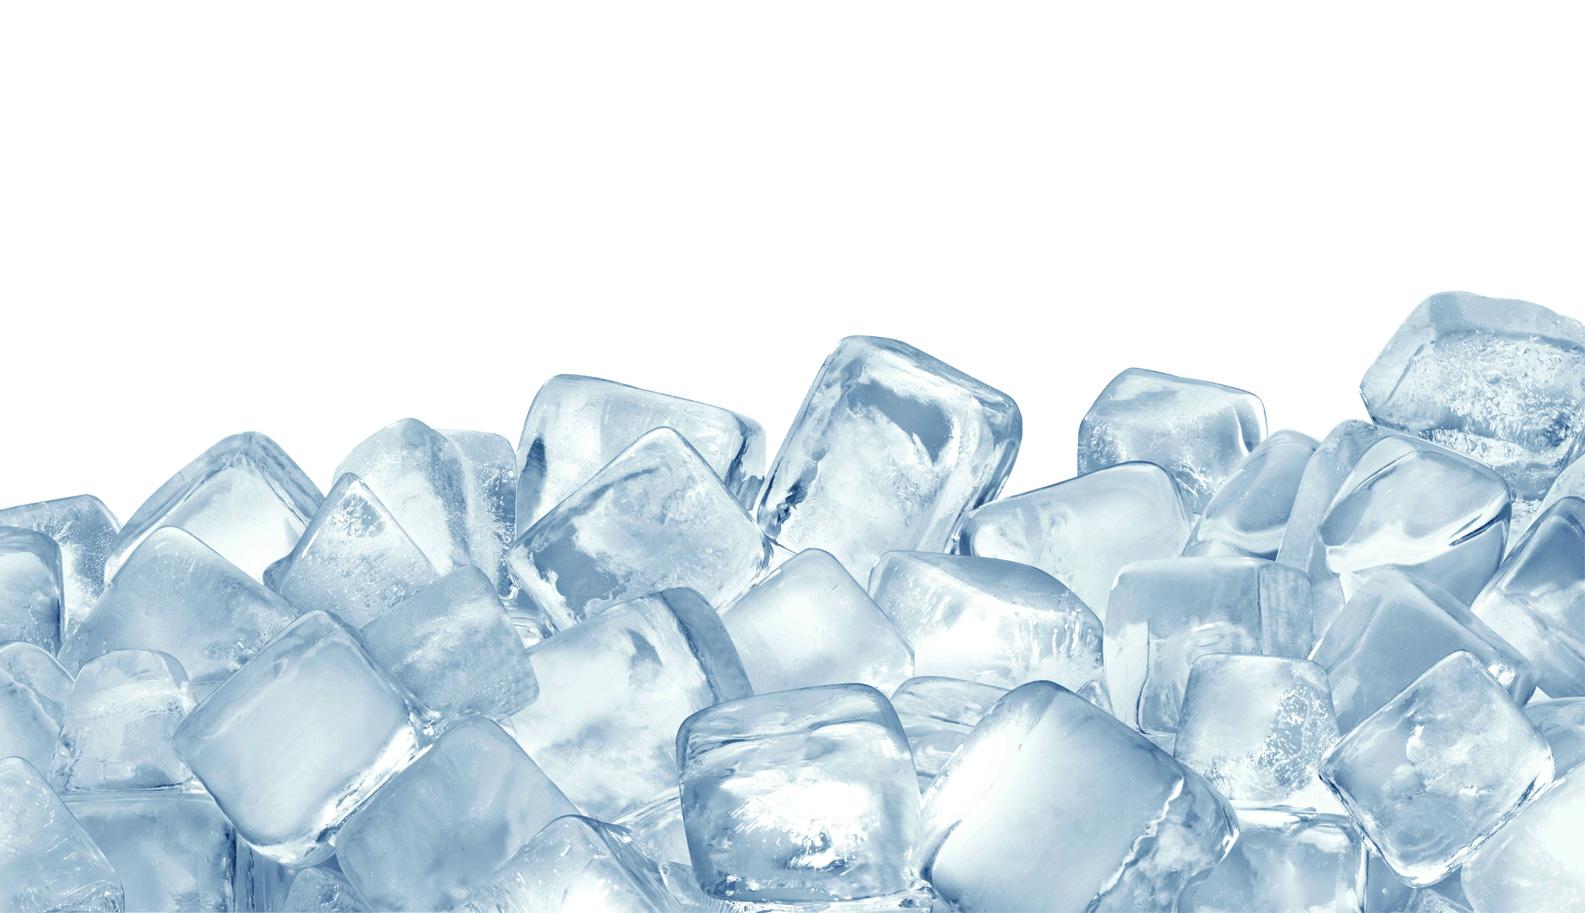 Mosca Refrigerazione Bagheria (PA)